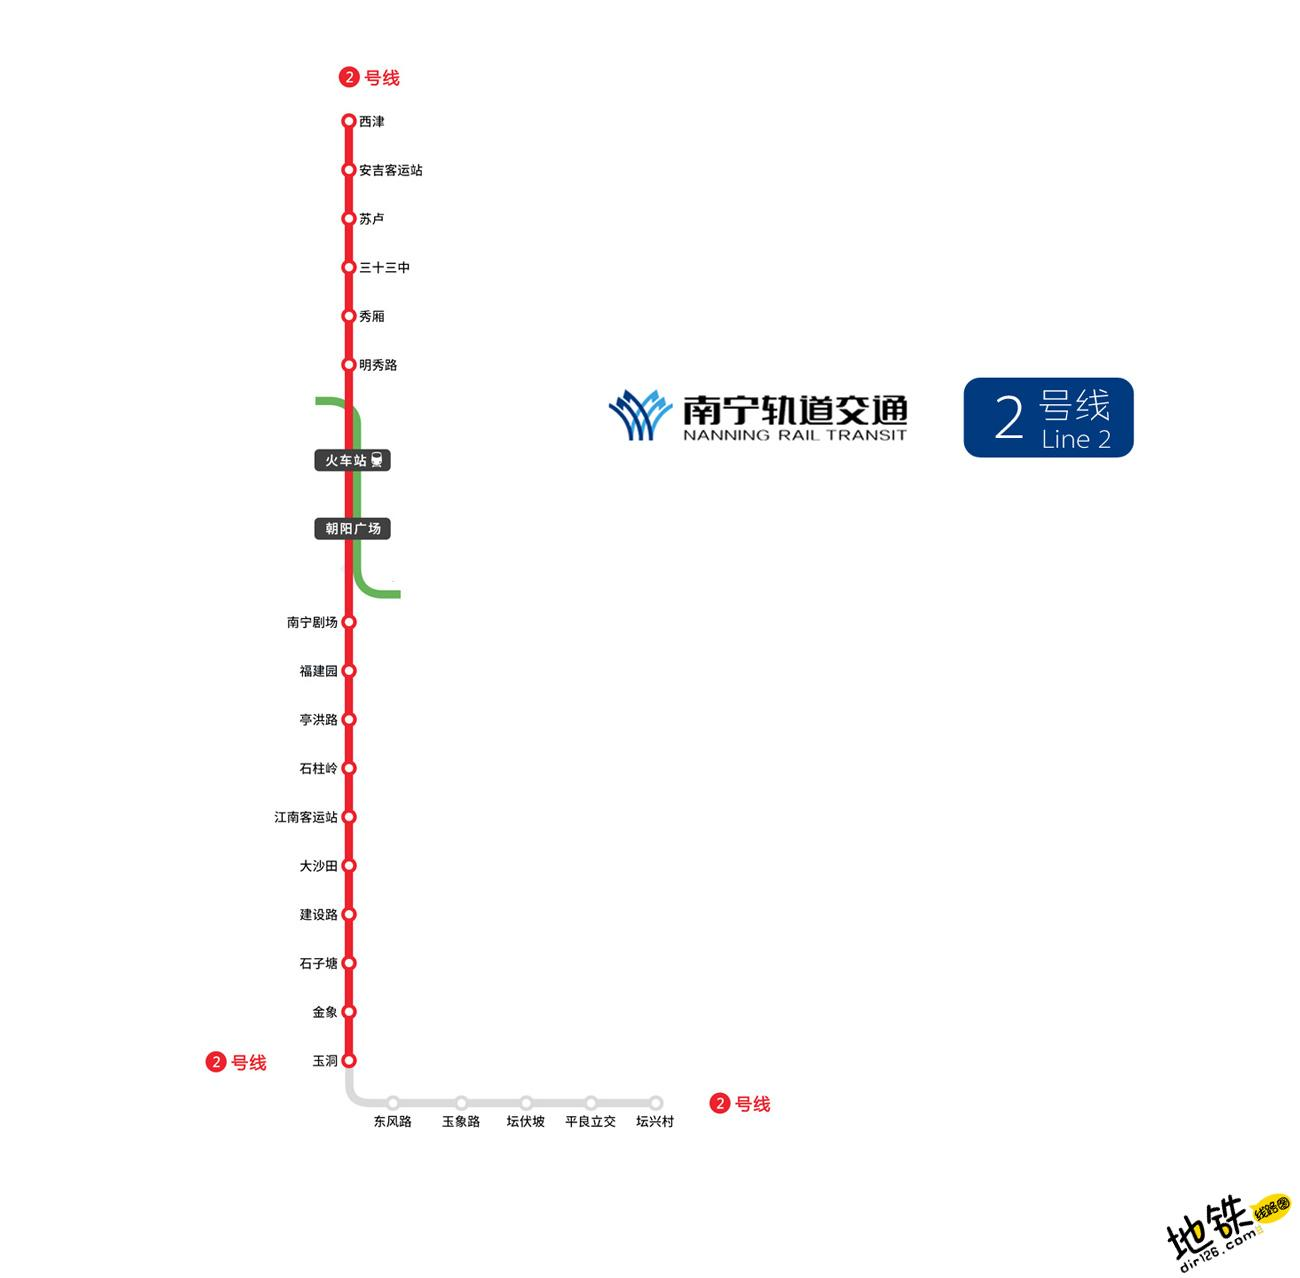 南宁地铁2号线线路图 运营时间票价站点 查询下载 南宁地铁2号线查询 南宁地铁2号线运营时间 南宁地铁2号线线路图 南宁地铁2号线 南宁地铁二号线 南宁地铁线路图  第2张